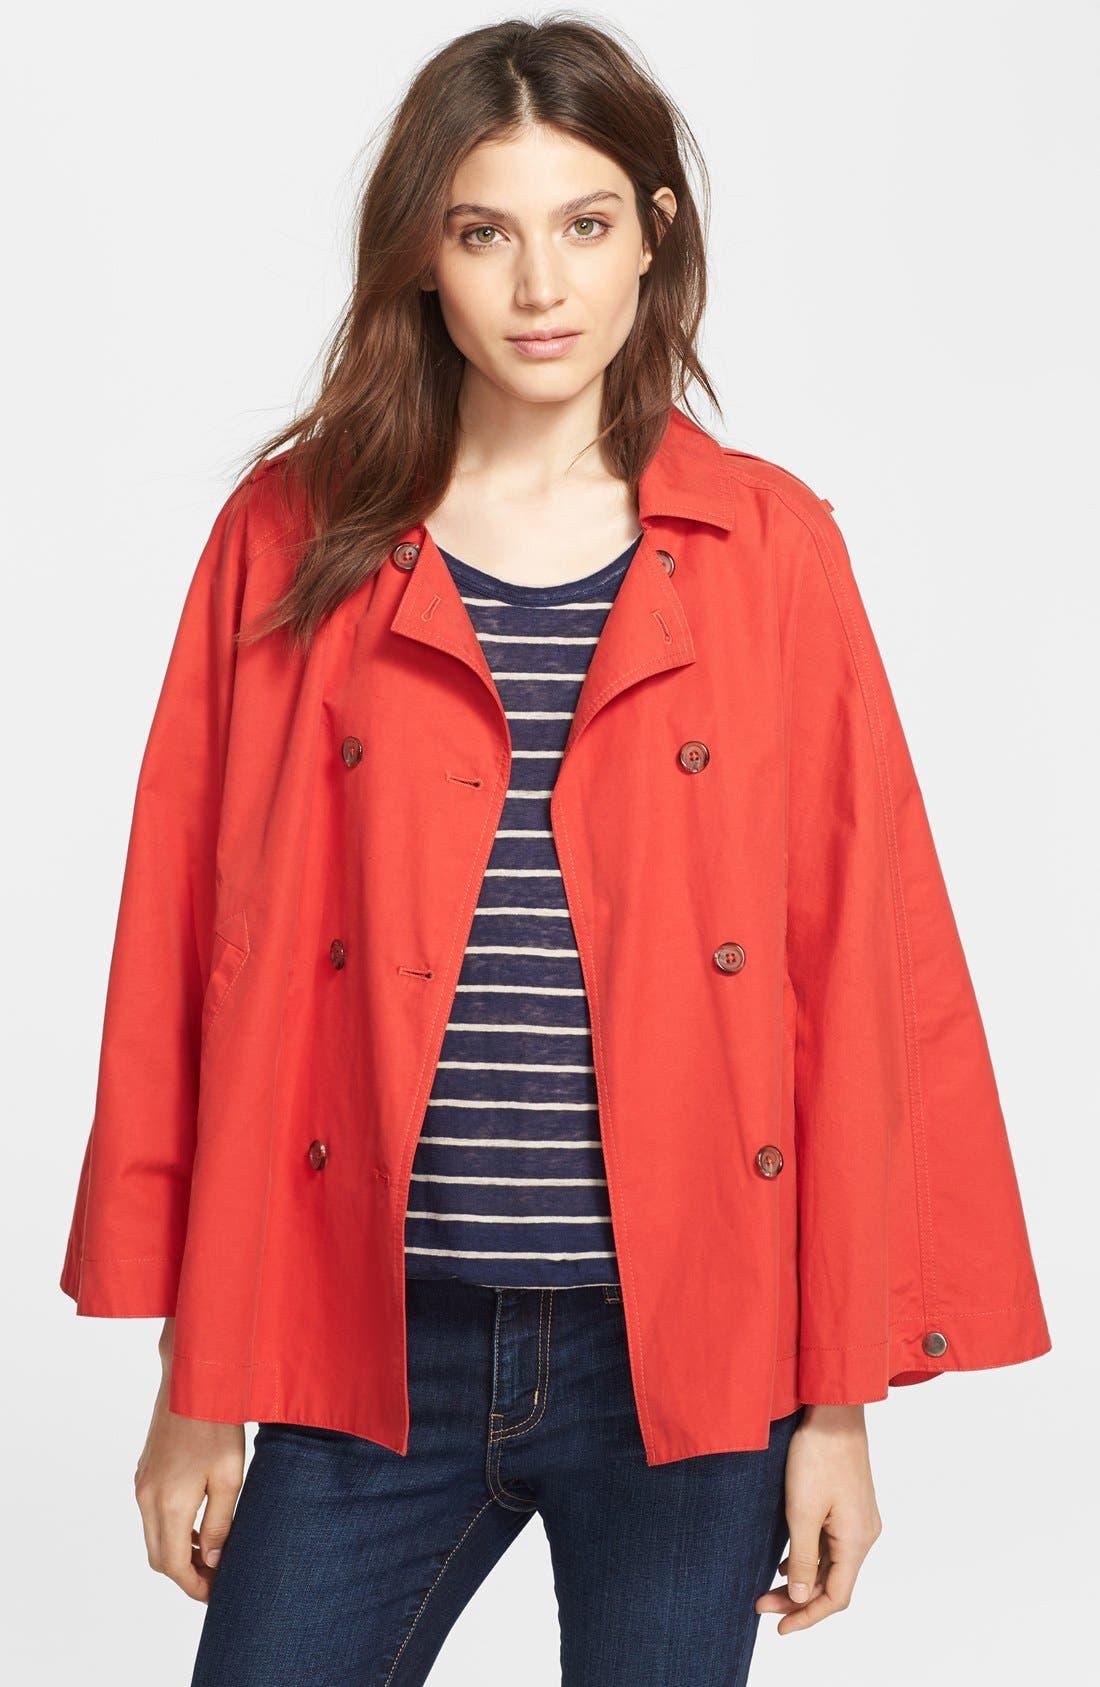 Main Image - Joie 'Rosamonde' Jacket